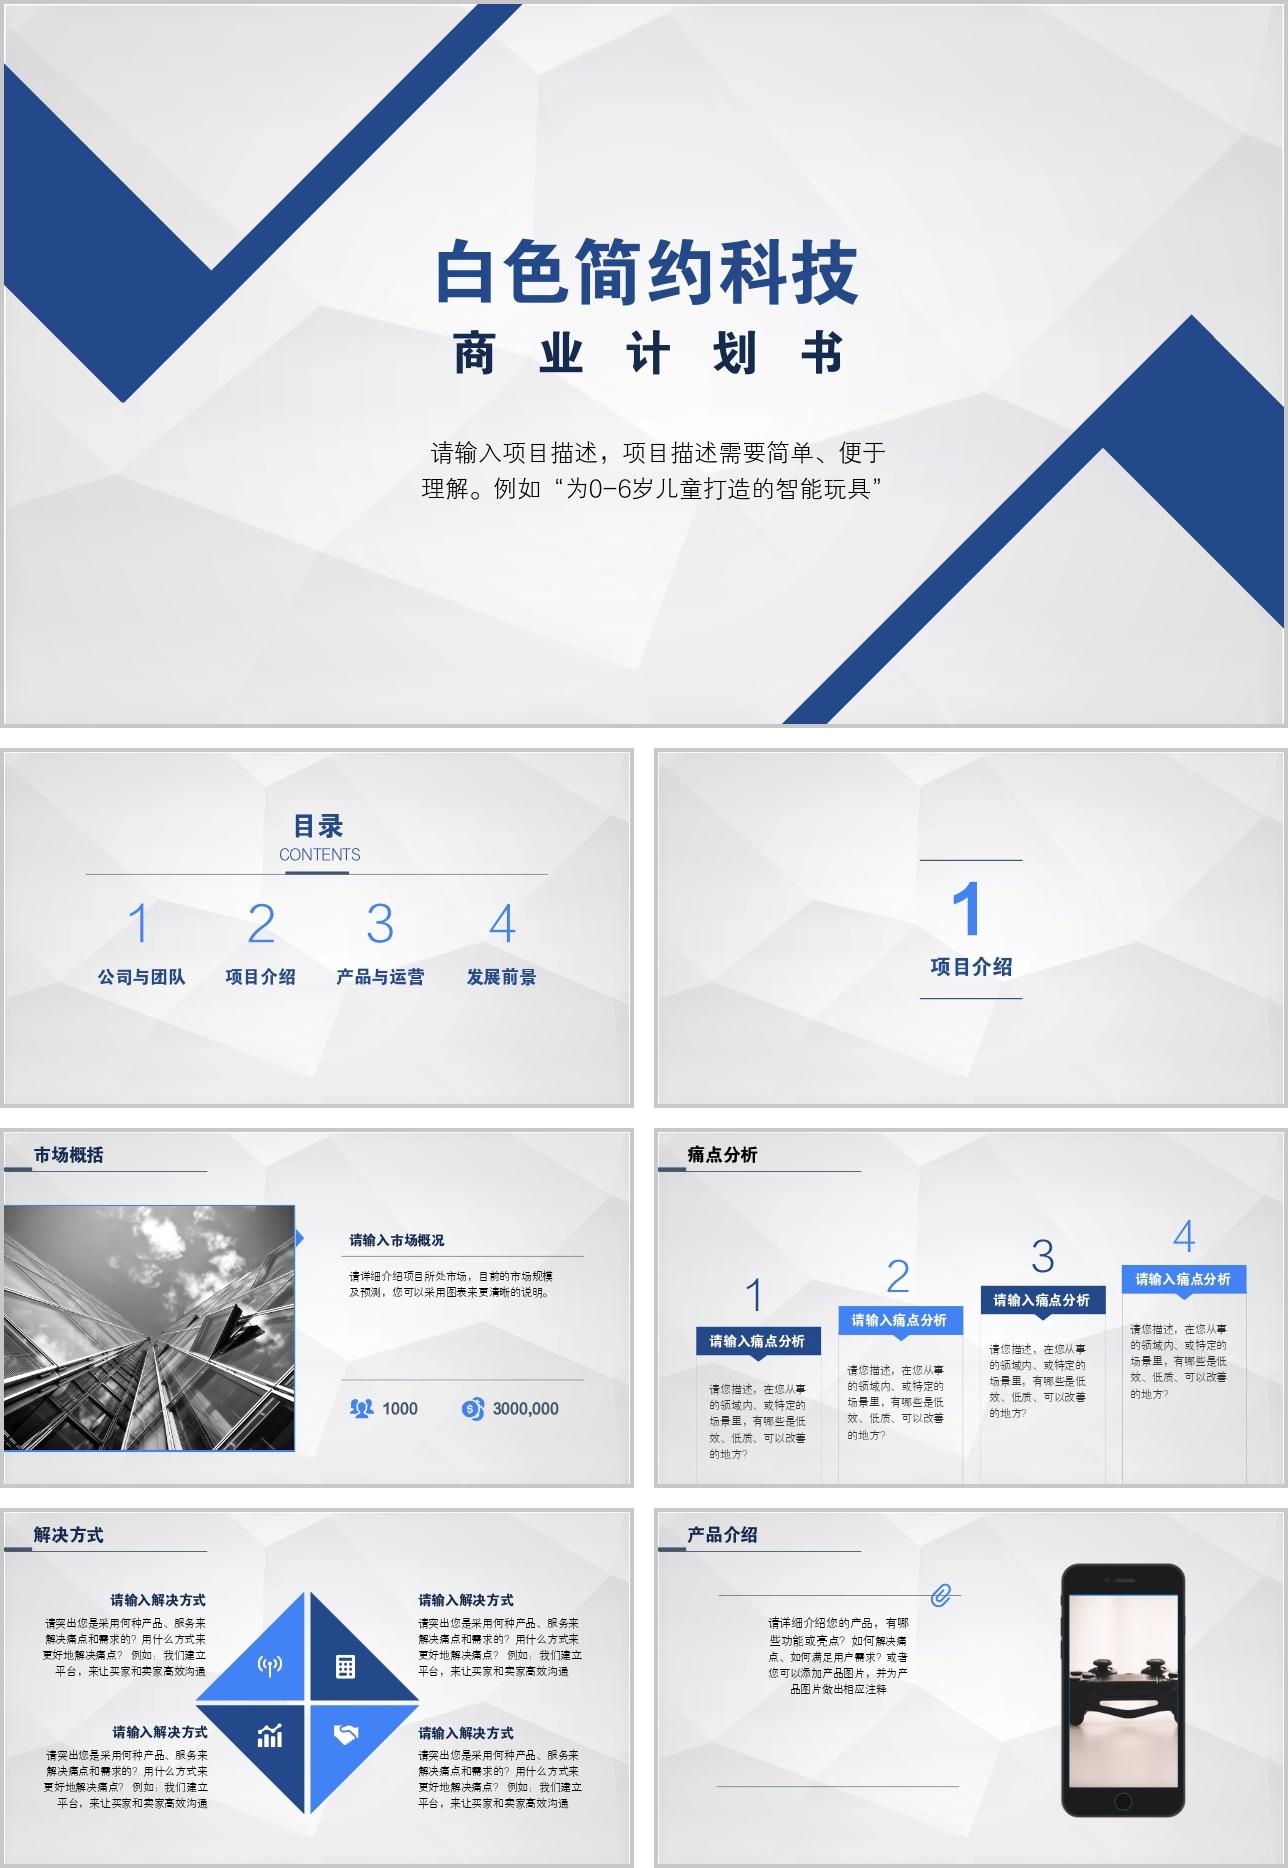 旨在搭建创业者之间创业者与市场之间交流交易的平台_中国加盟网